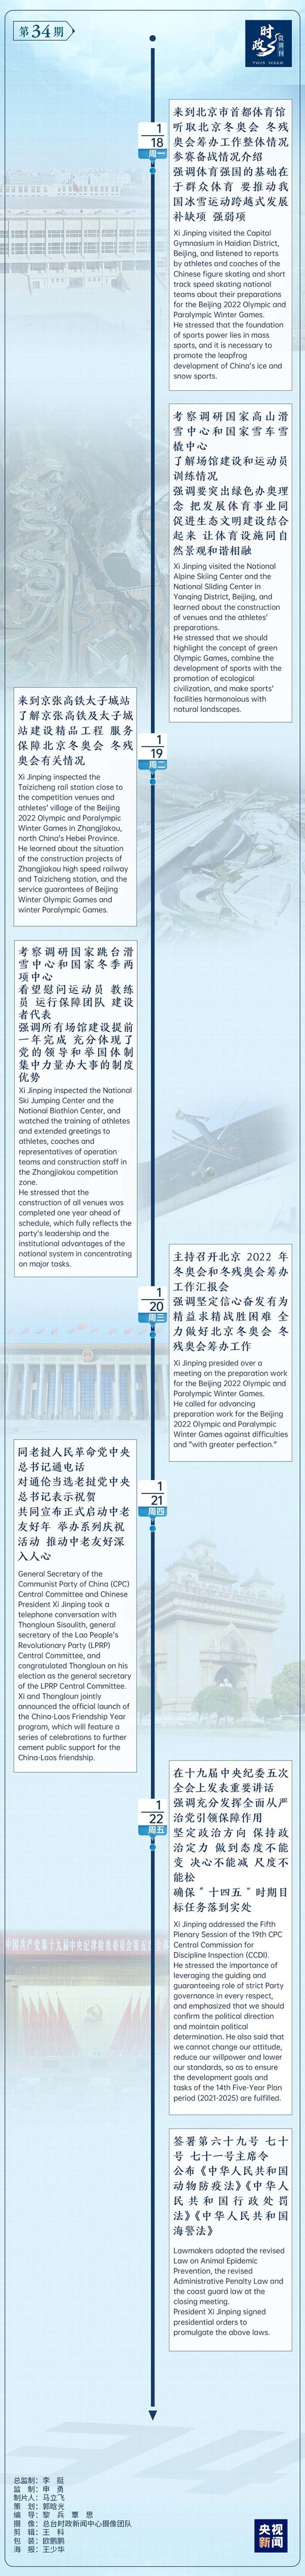 时政微周刊丨总书记的一周(1月18日—1月24日)